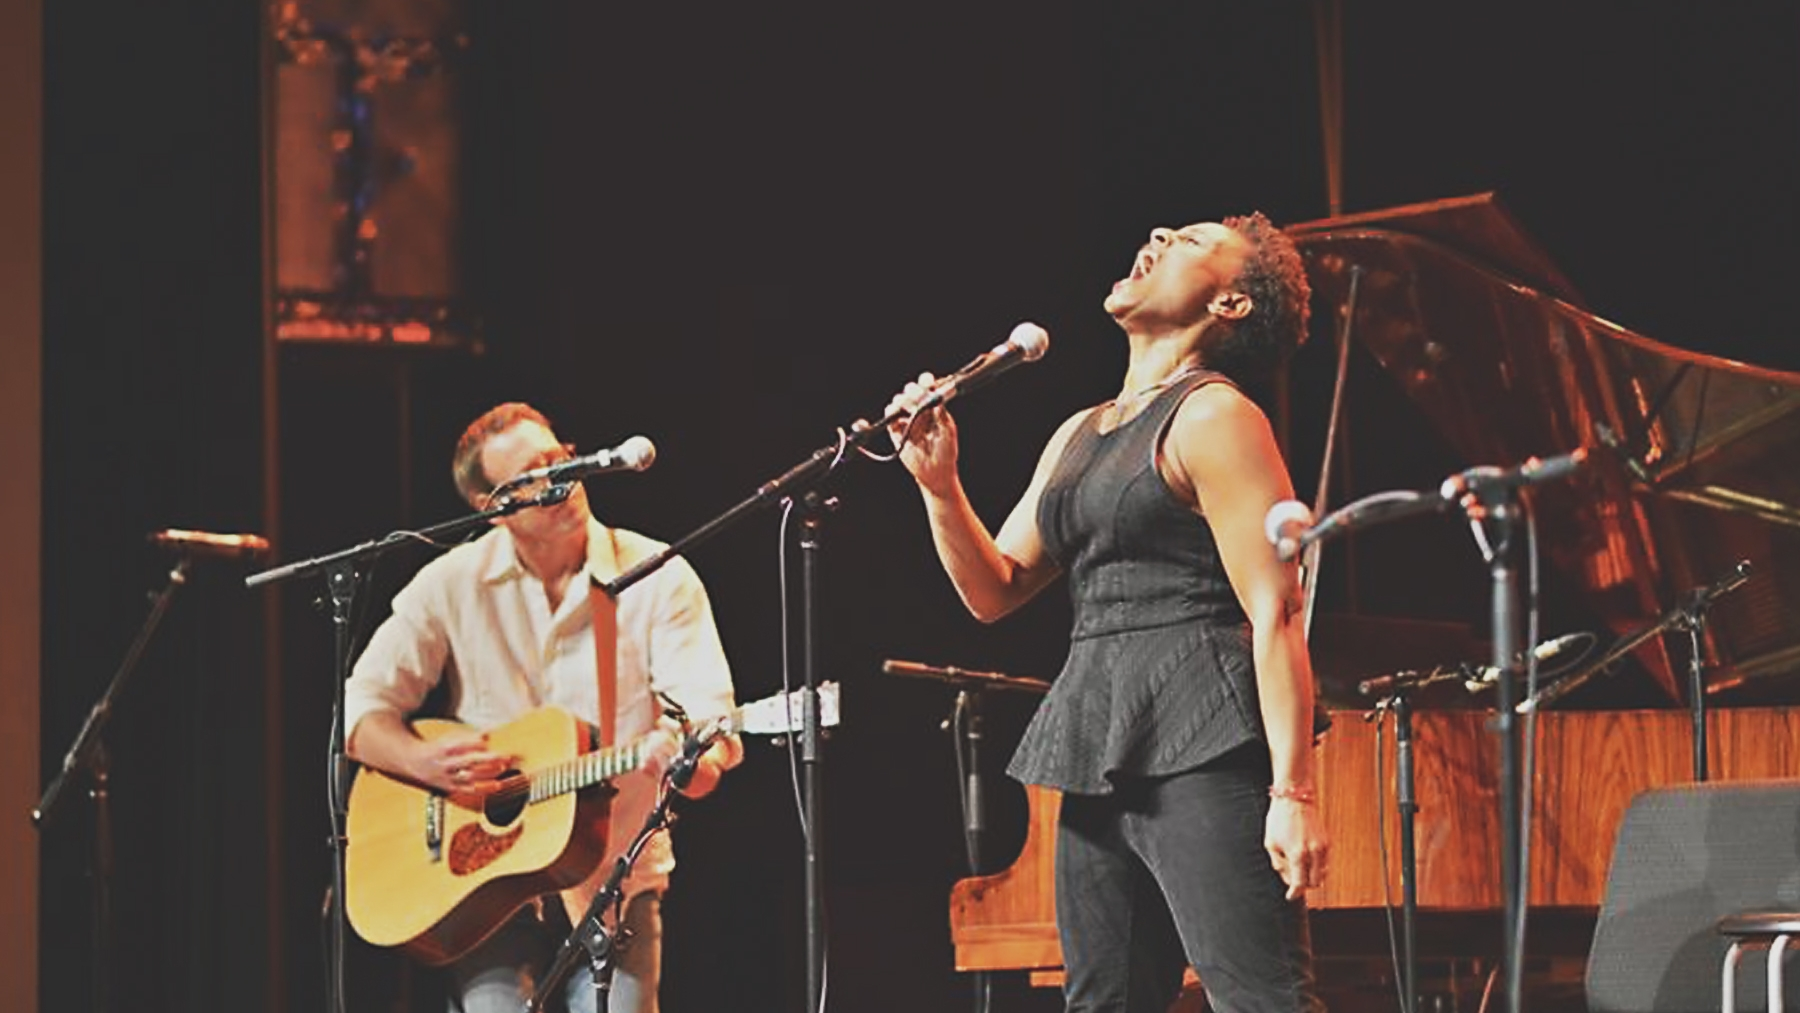 Jeremy_Dion__Singer_Songwriter_Boulder_Colorado_4.jpg